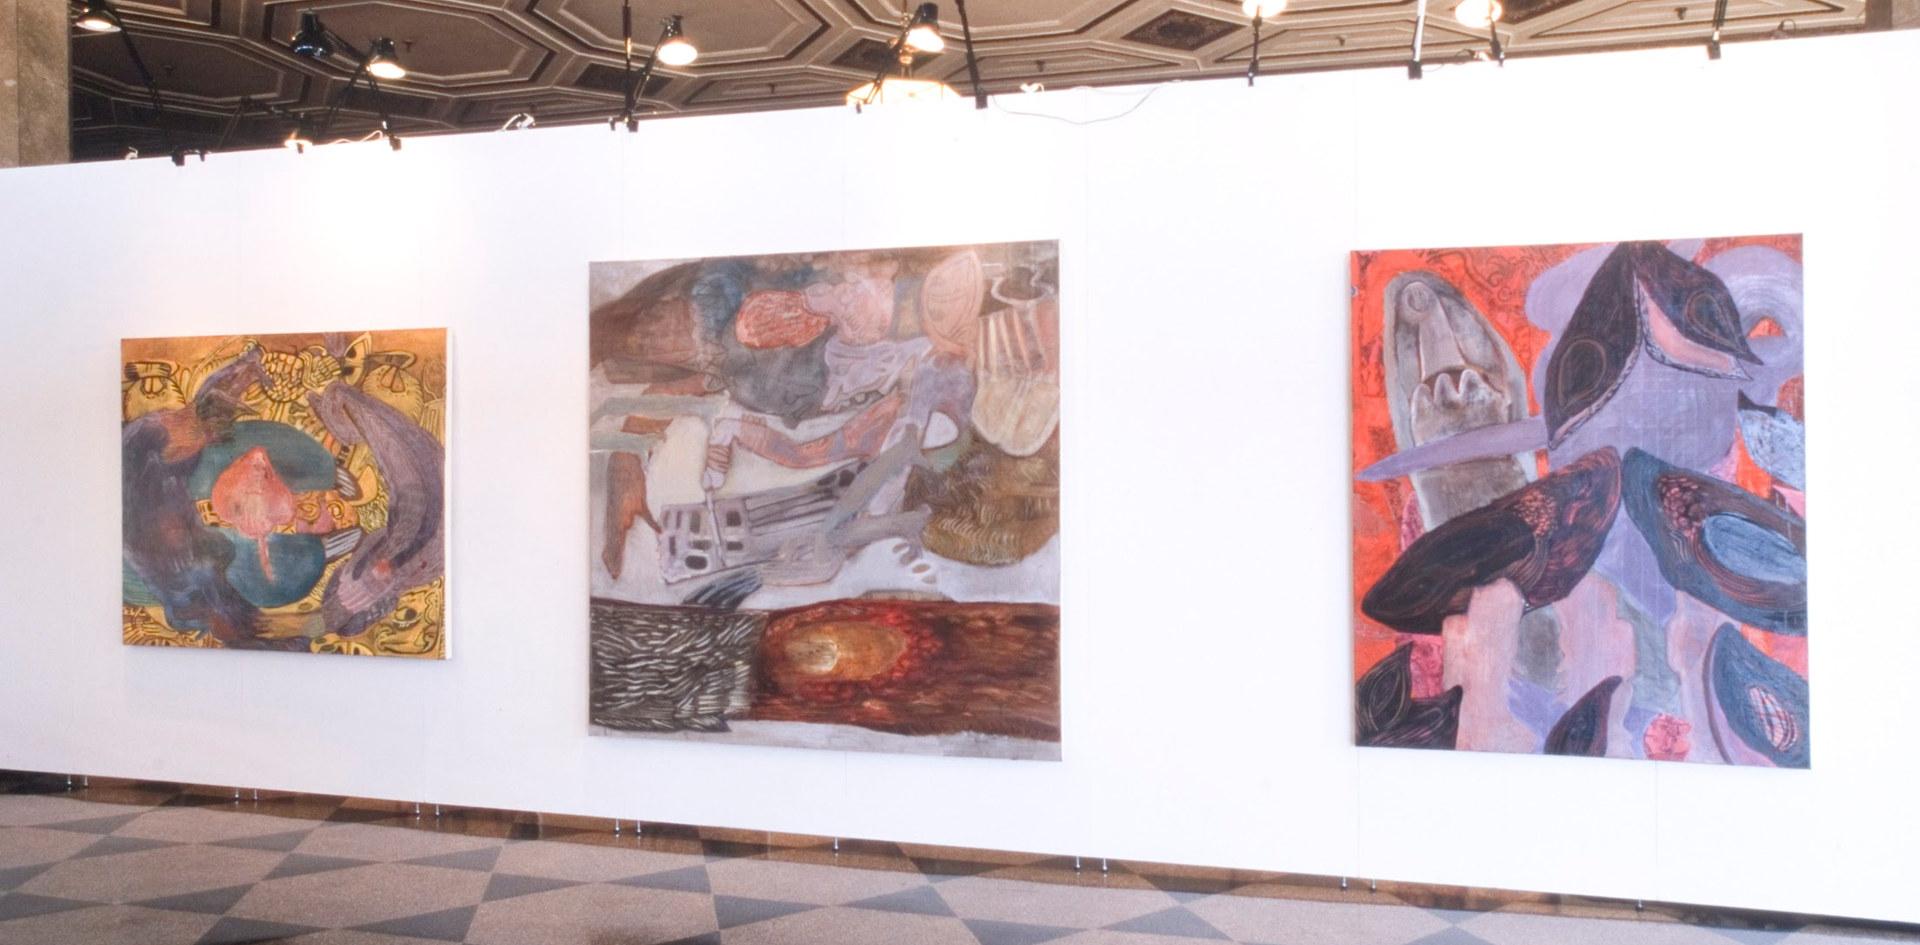 808 Gallery Boston, MA 2008